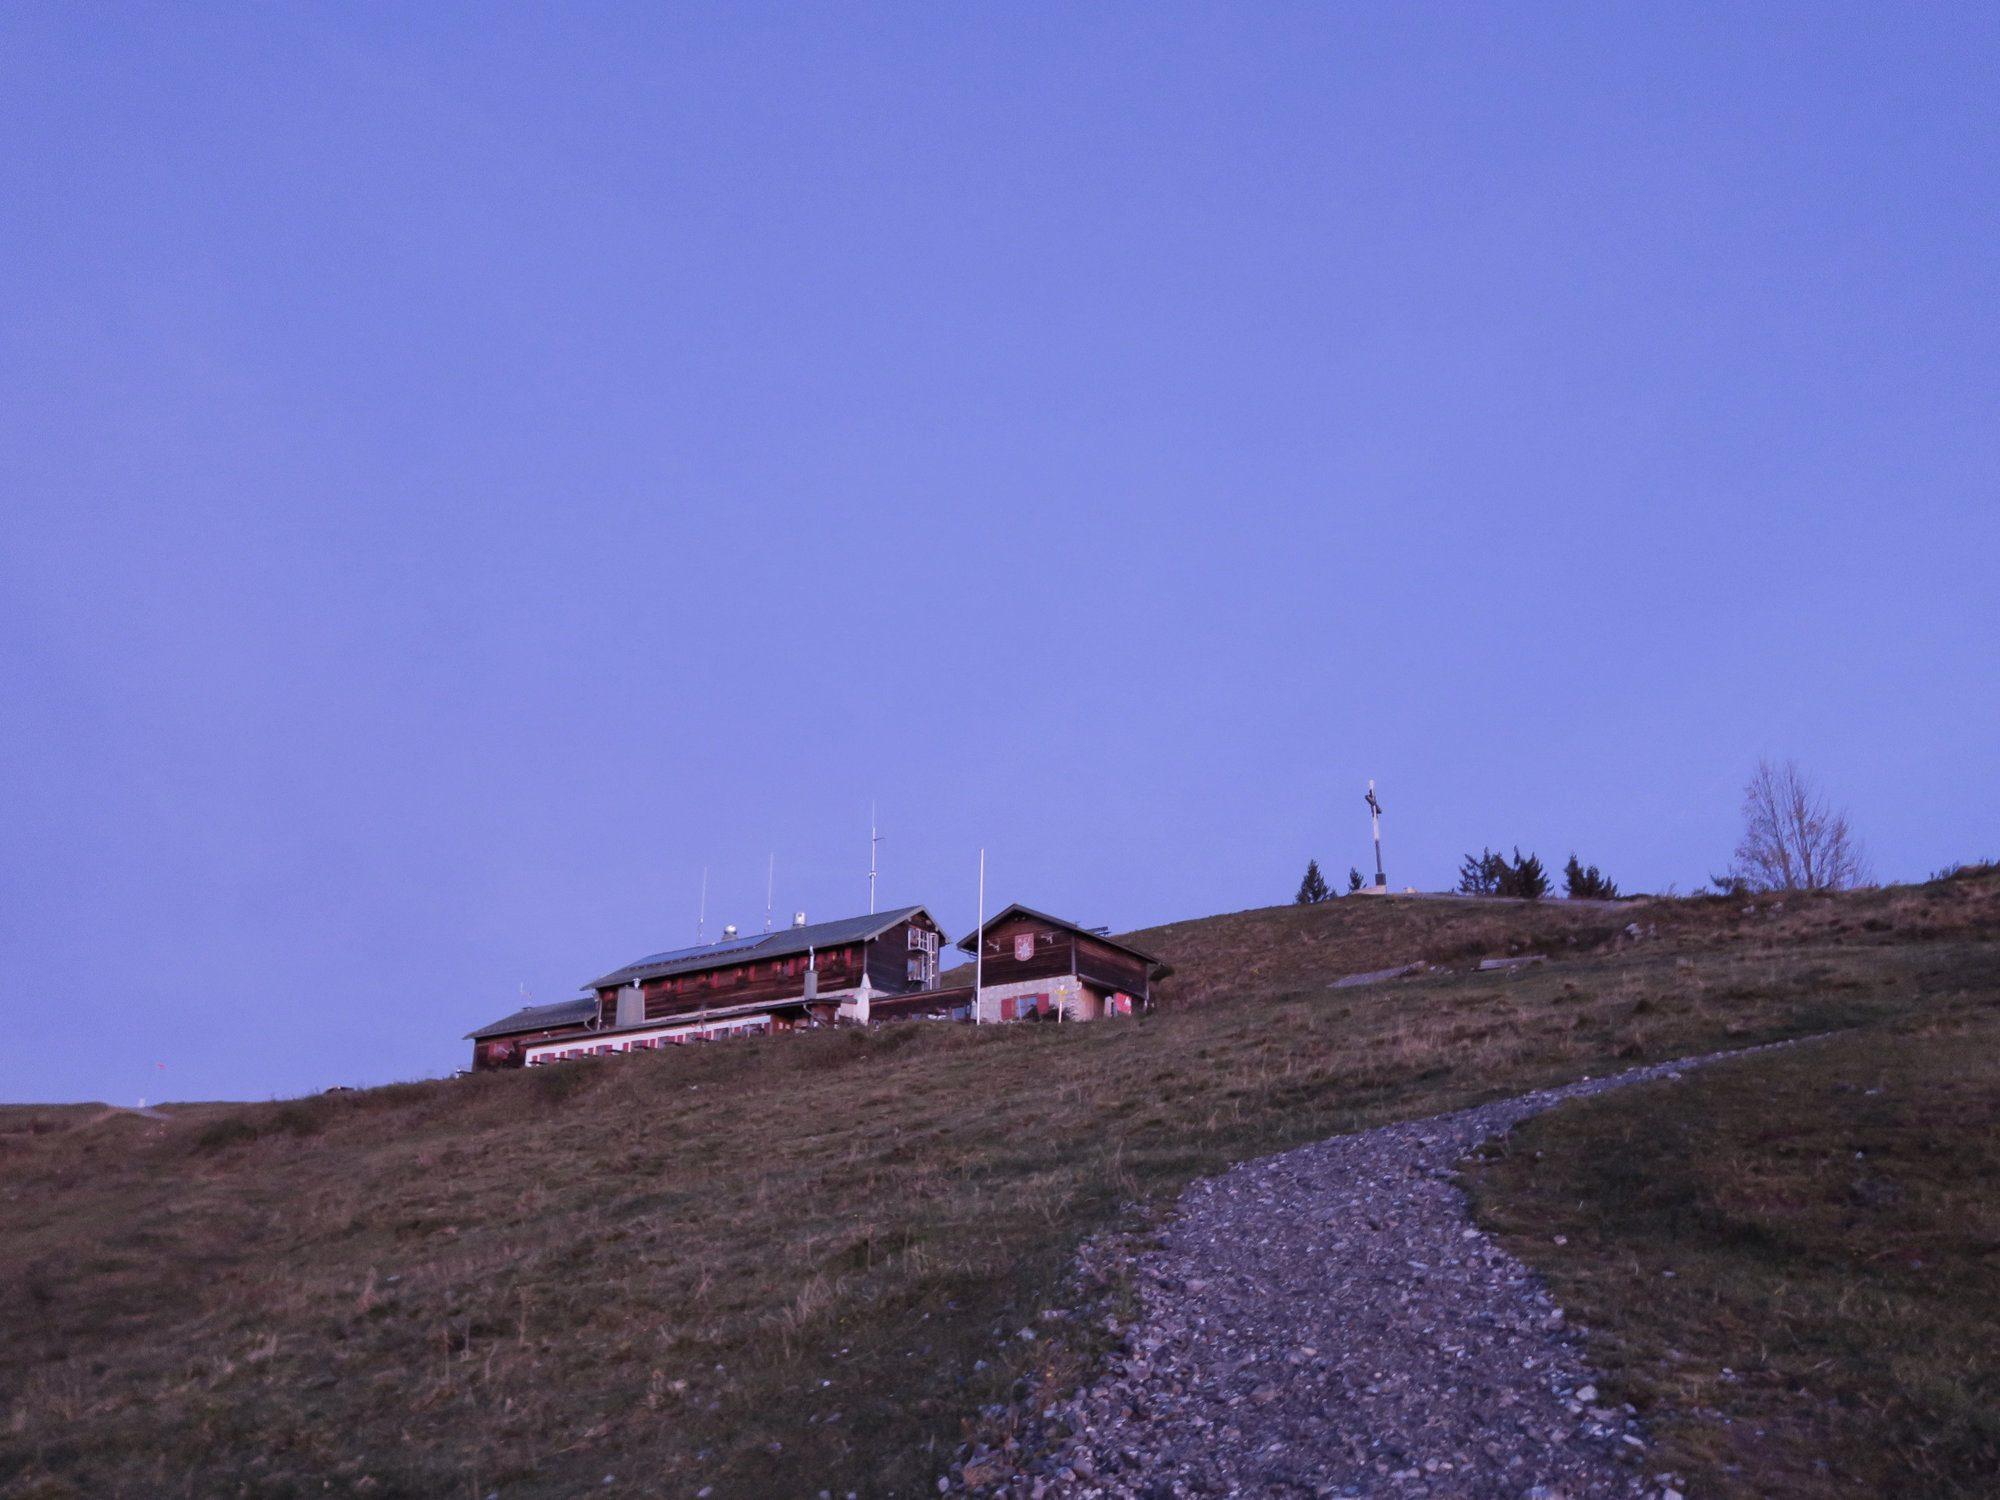 Gipfelglück am Brauneck Gipfelkreuz - Herbstwanderung Brauneck FJELLA